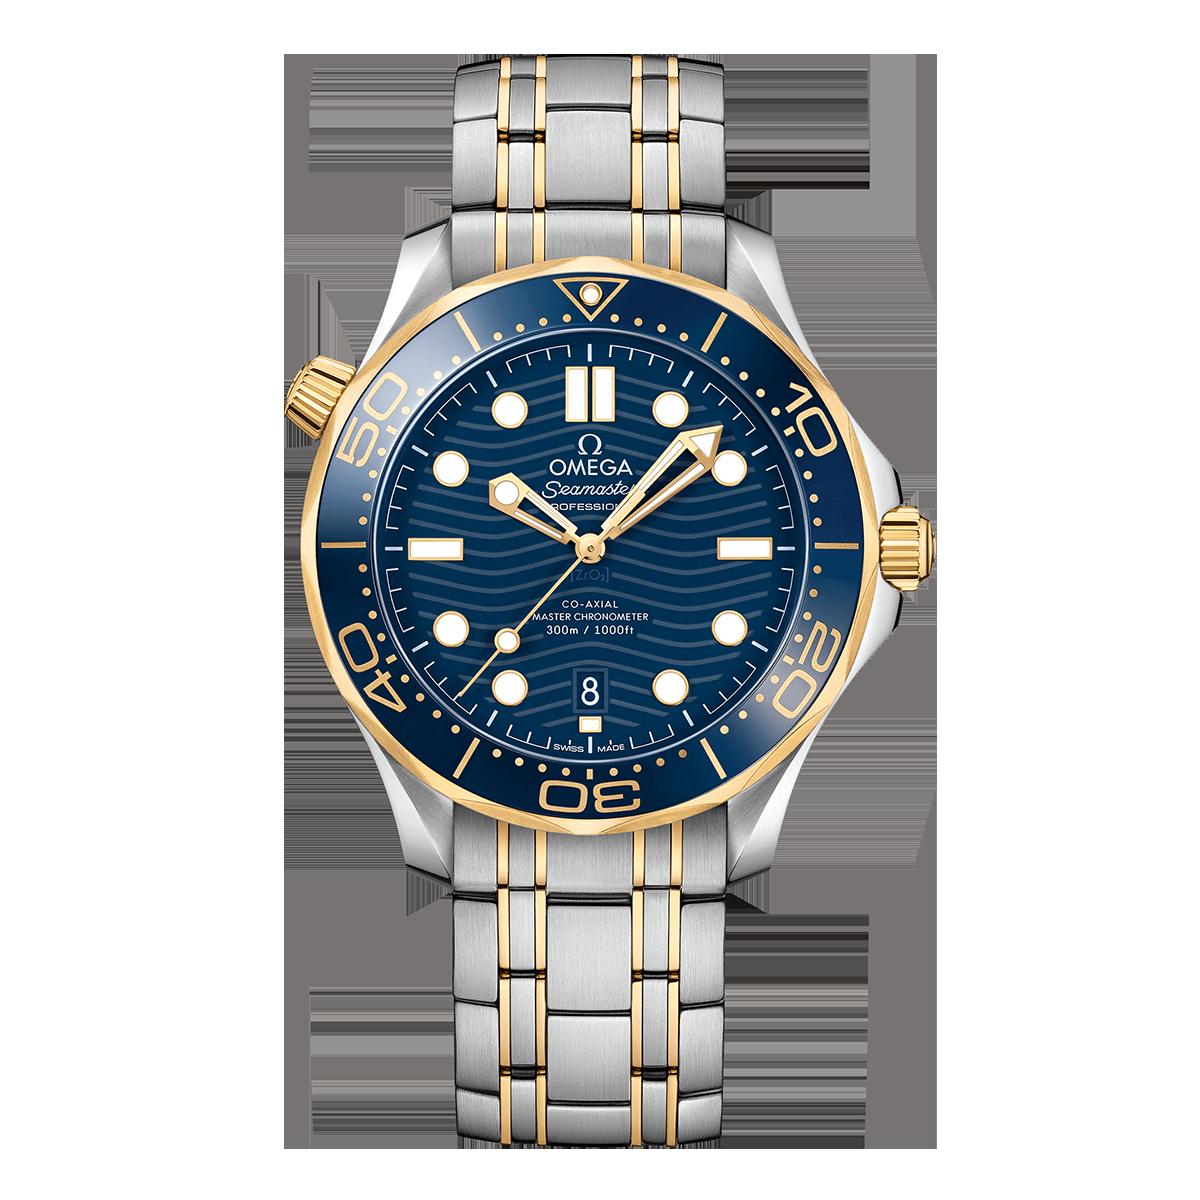 omega-seamaster-diver-300m-omega-co-axial-42-mm-21020422003001-1_hos Jarl Sandin